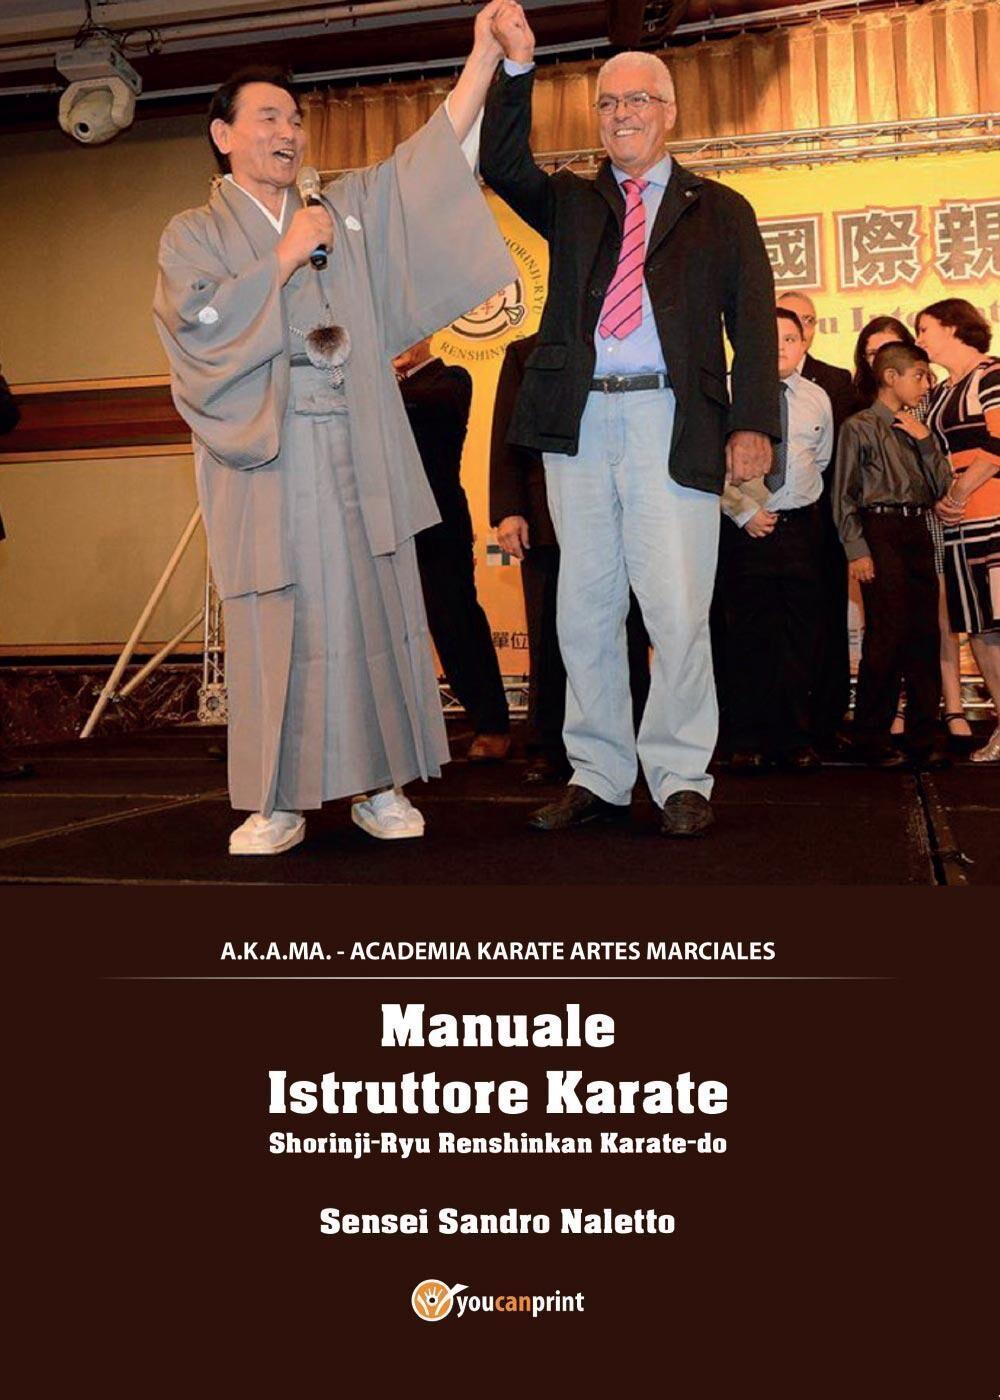 Karate Shorinji-ryu Renshinkan